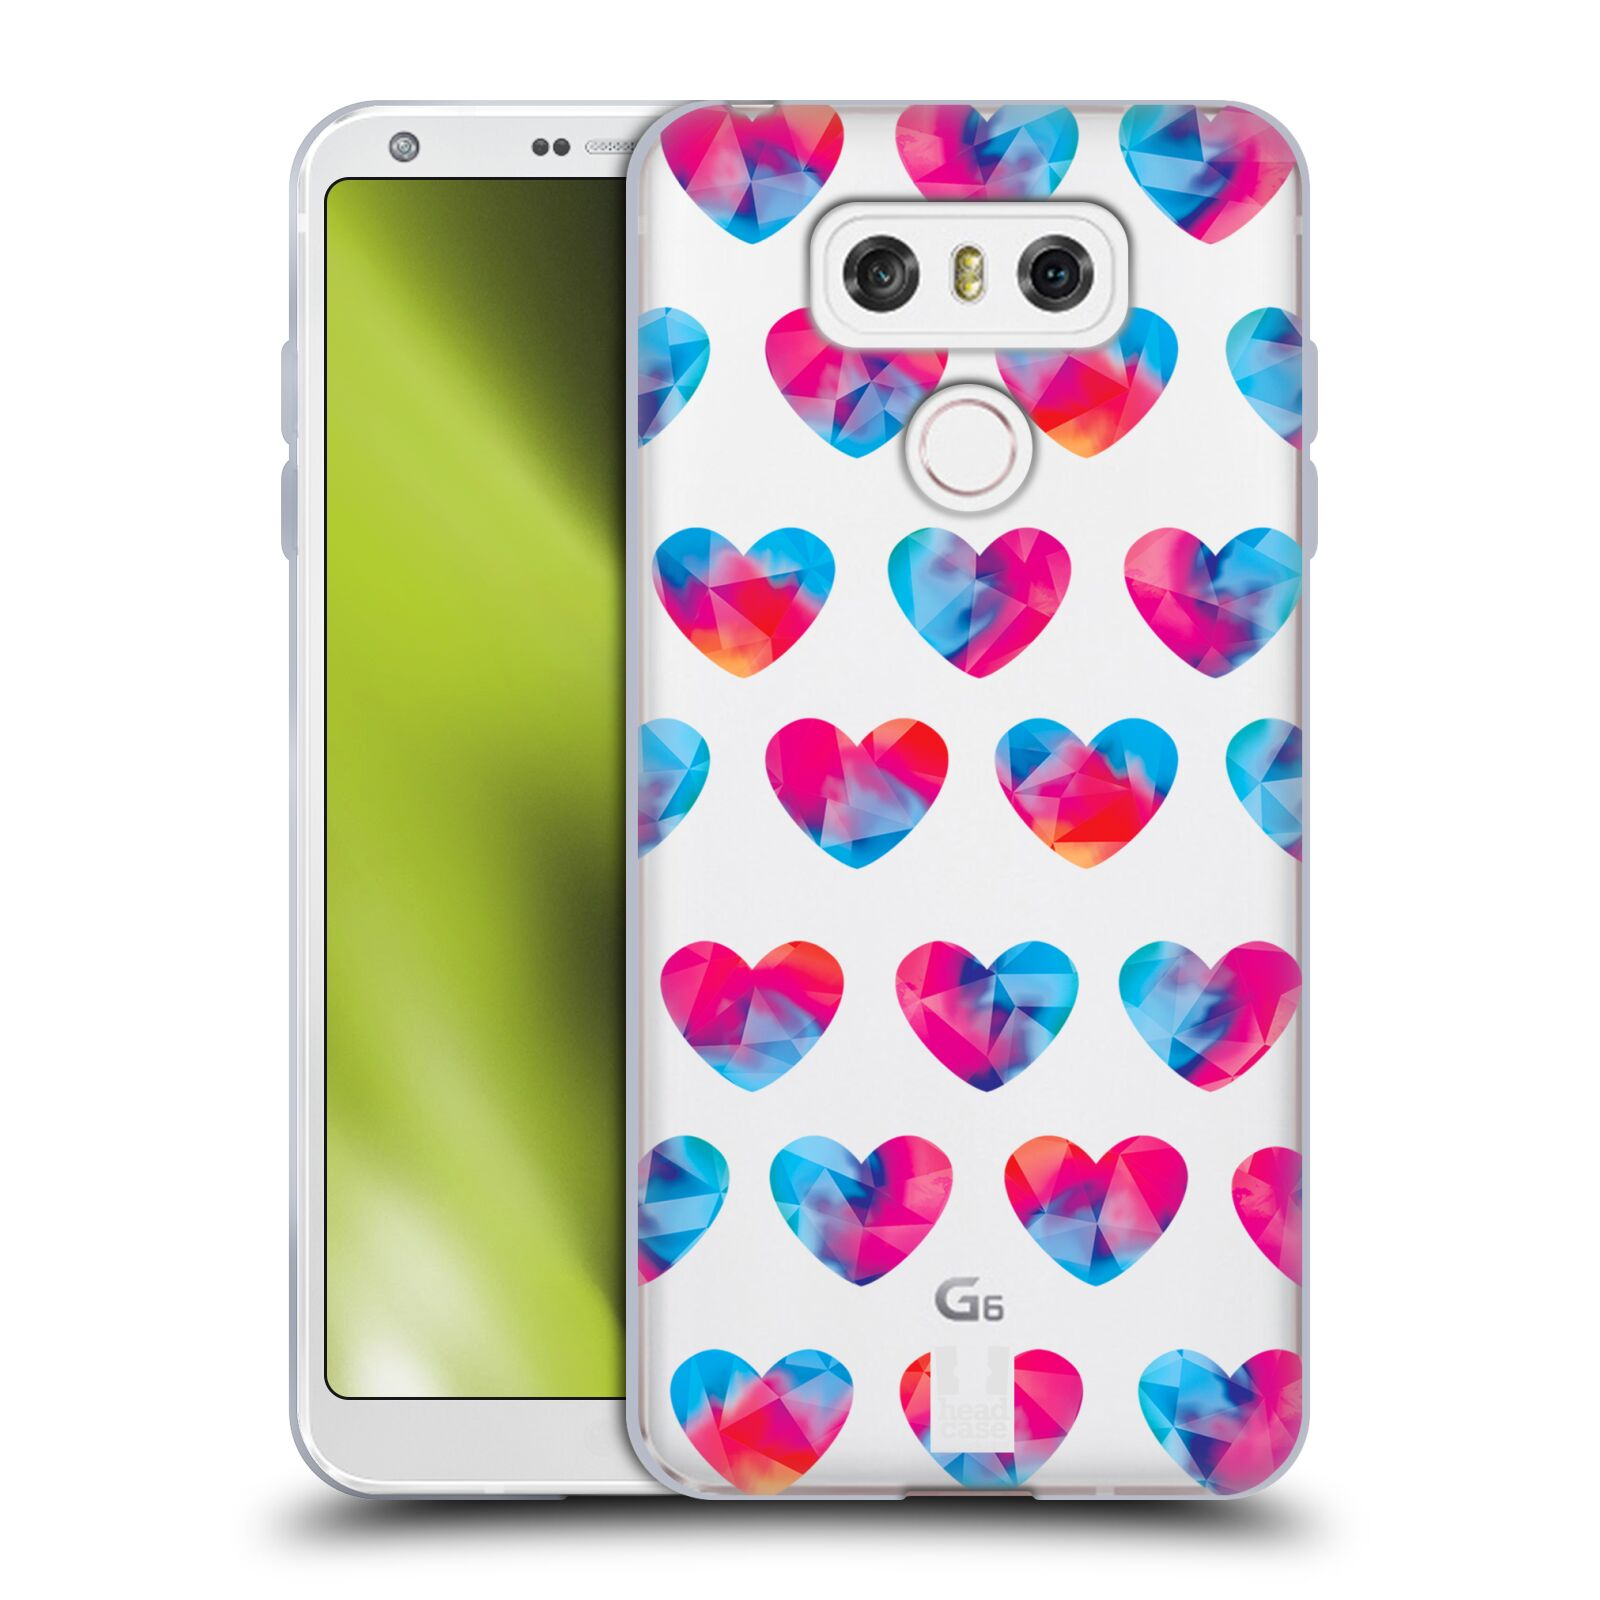 Silikonové pouzdro na mobil LG G6 - Head Case - Srdíčka hrající barvami